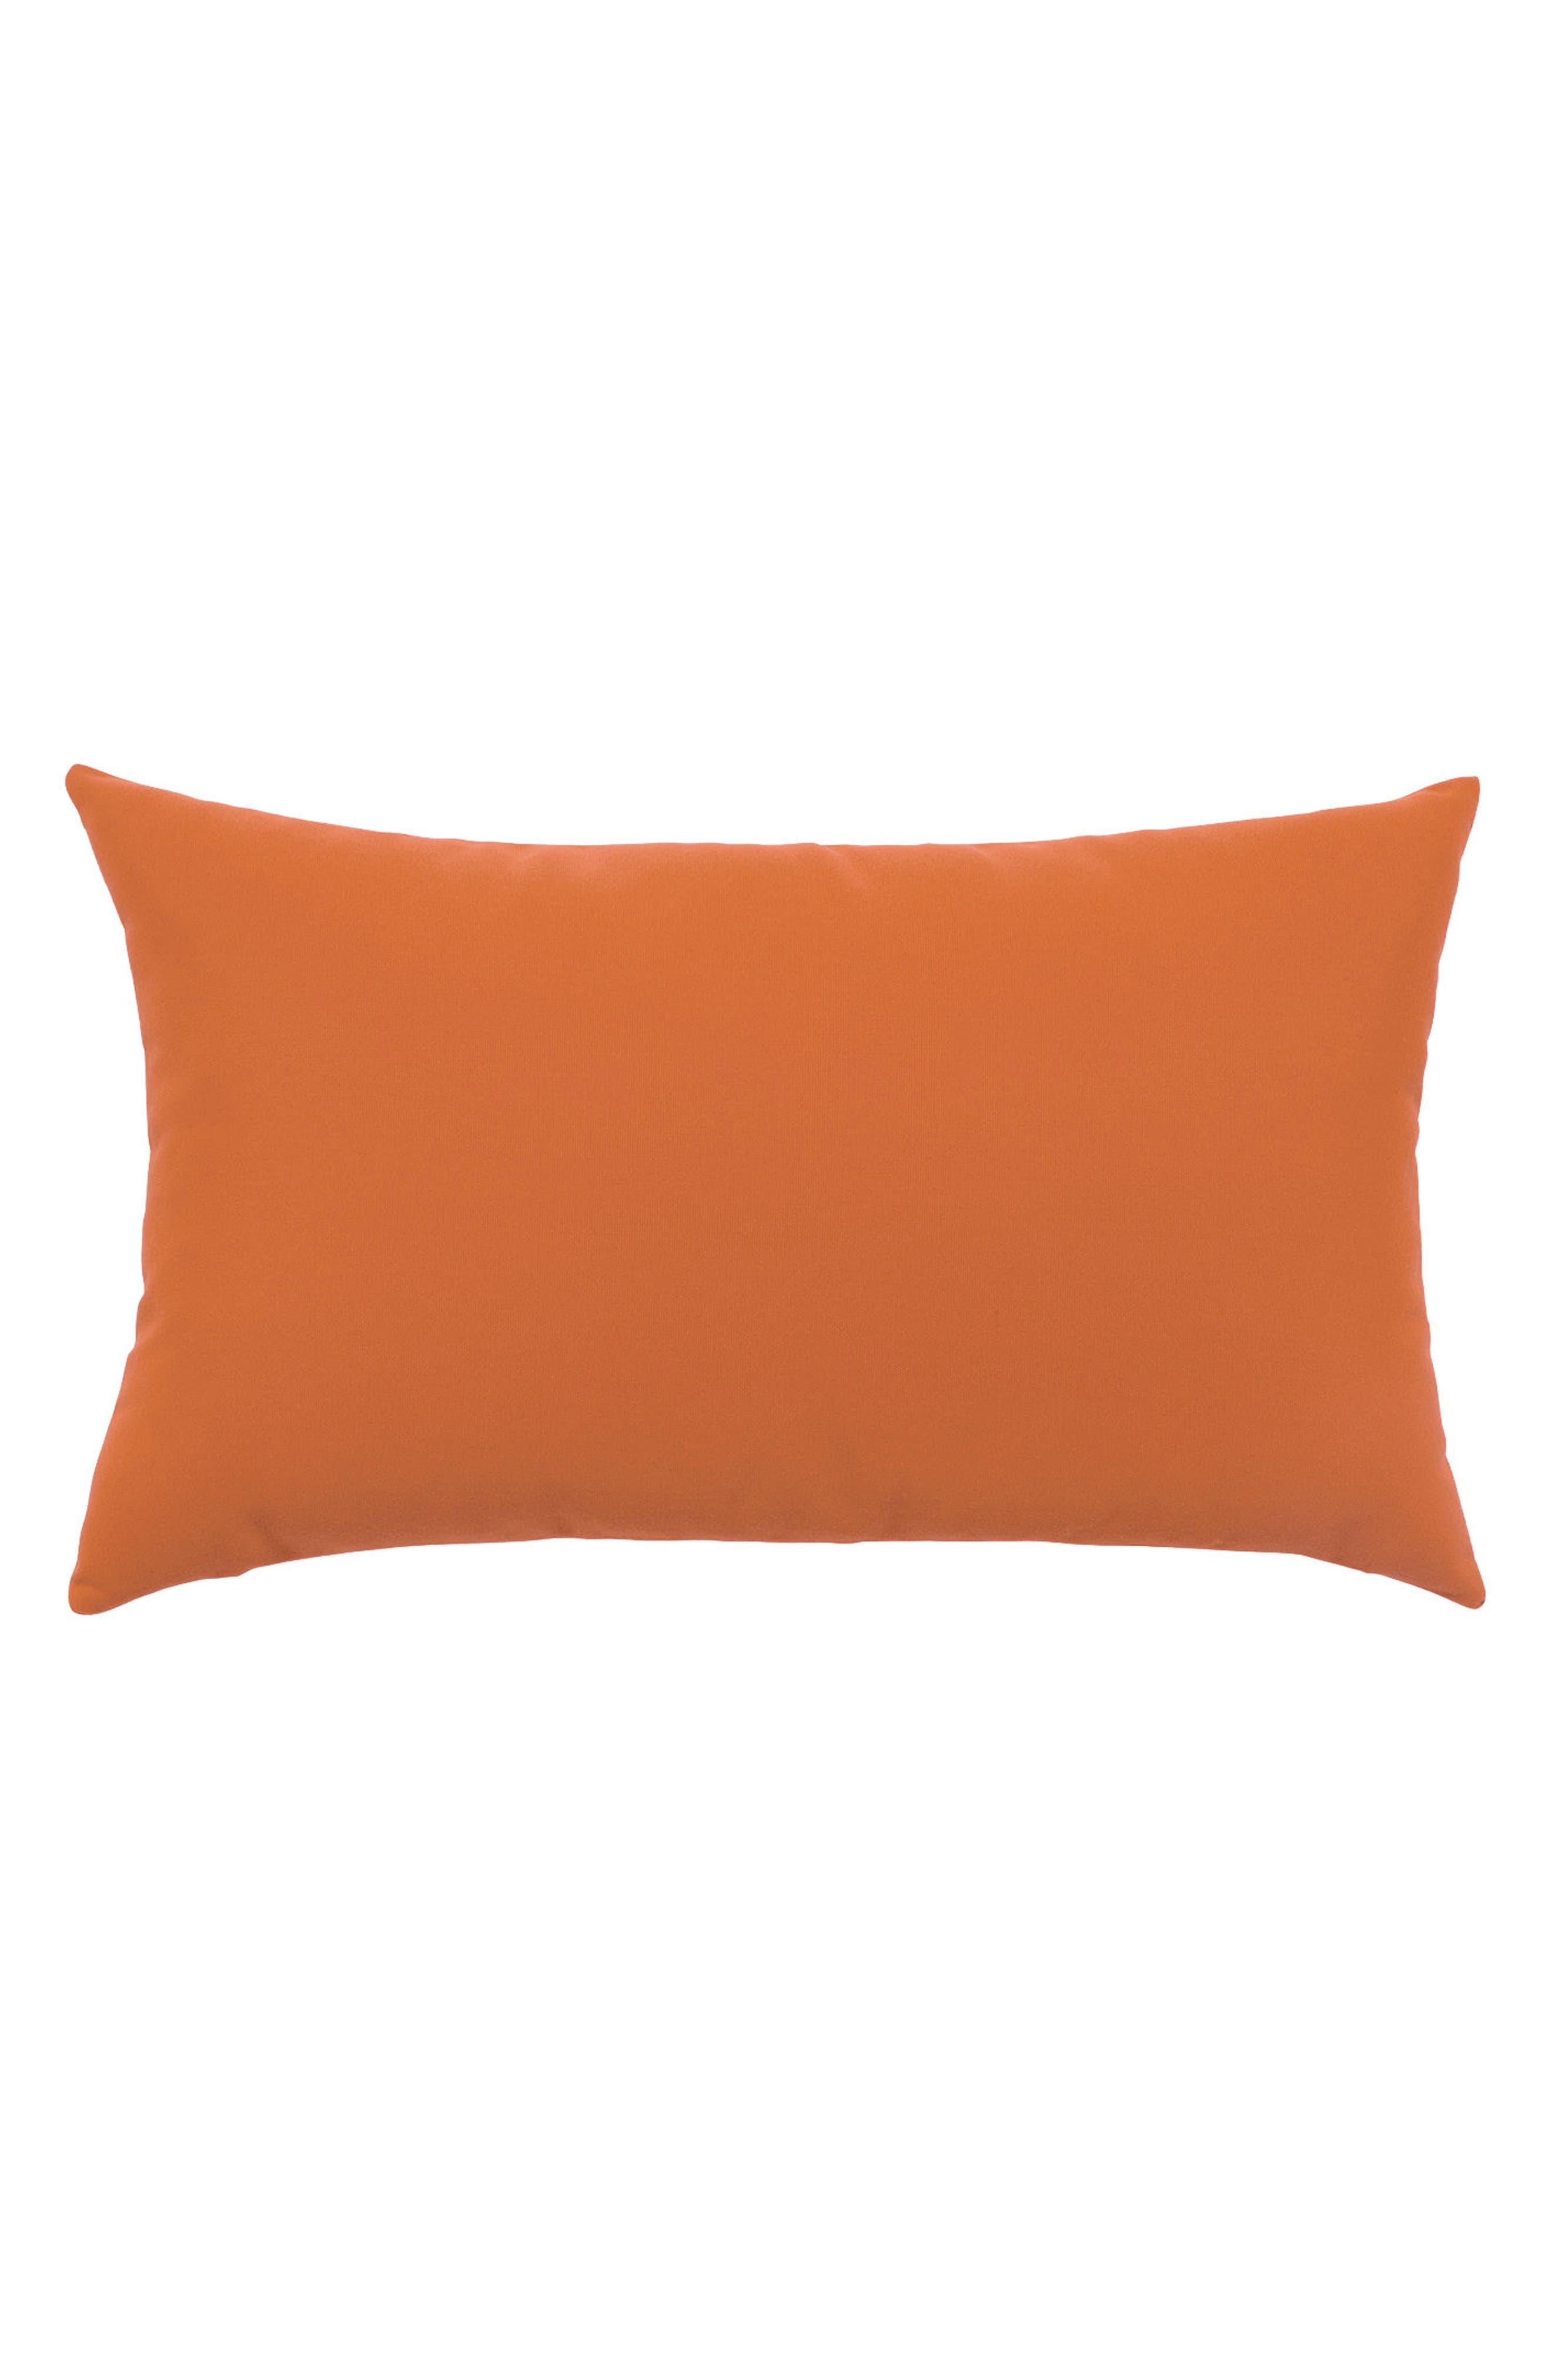 pillow room elegant living orange your velvet accent gold tips and lumbar yellow design decor white interior striped for marvelous sofa